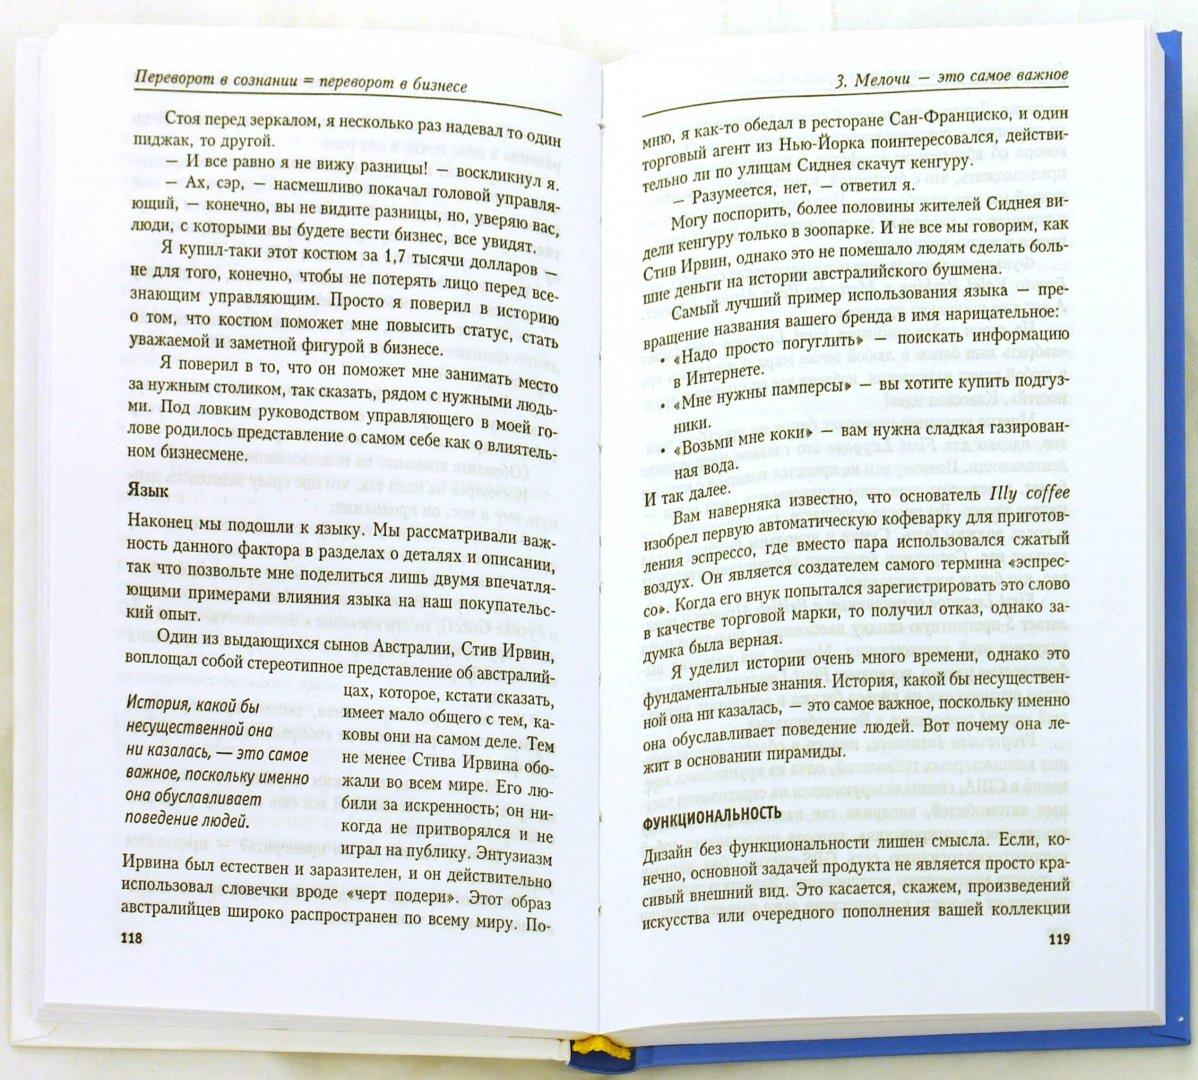 Иллюстрация 1 из 17 для Переворот в сознании = переворот в бизнесе - Питер Шихан   Лабиринт - книги. Источник: Лабиринт